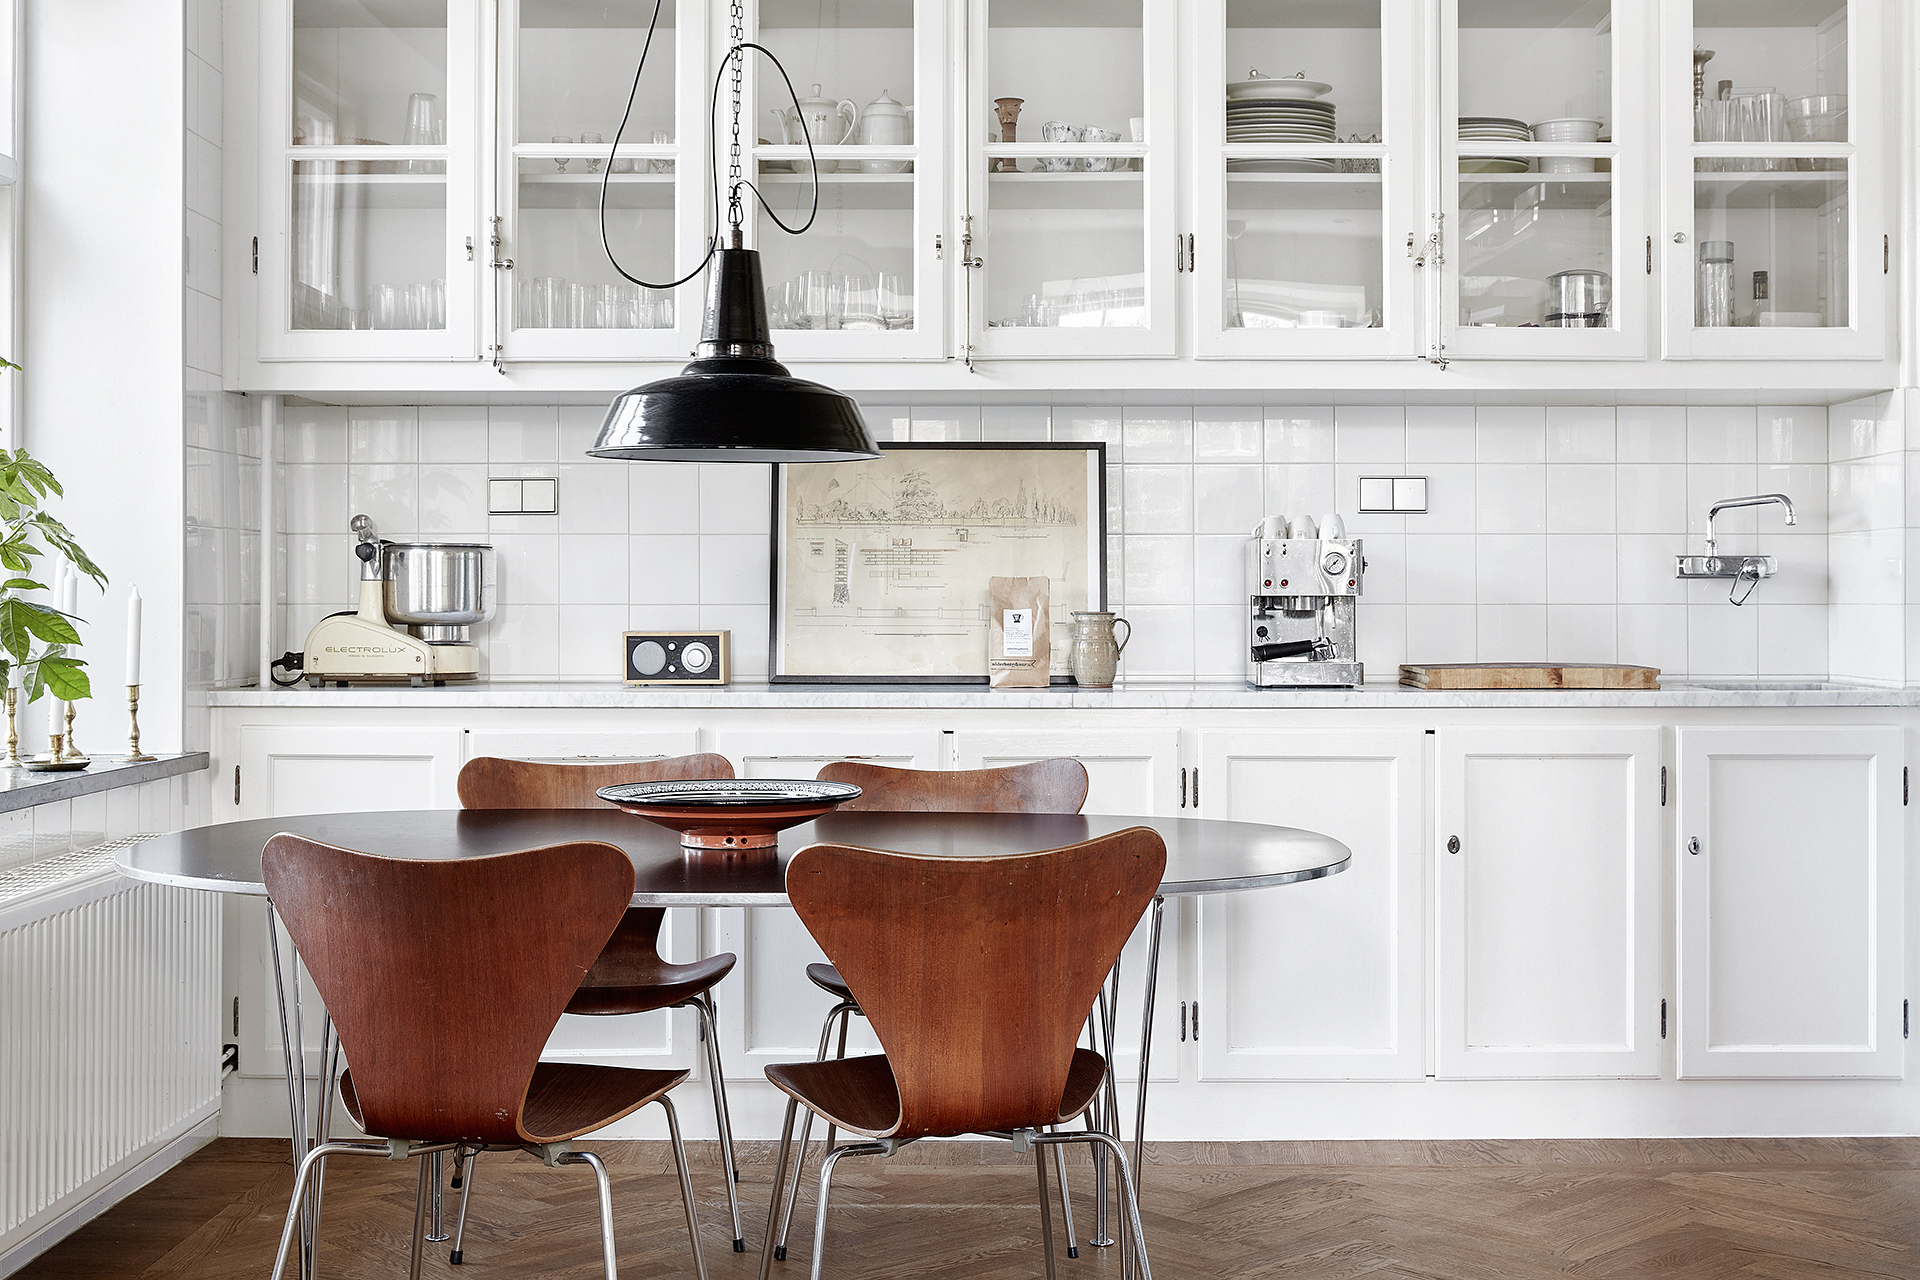 Köksinspiration: Stilkrock lantligt möter retro – Husligheter